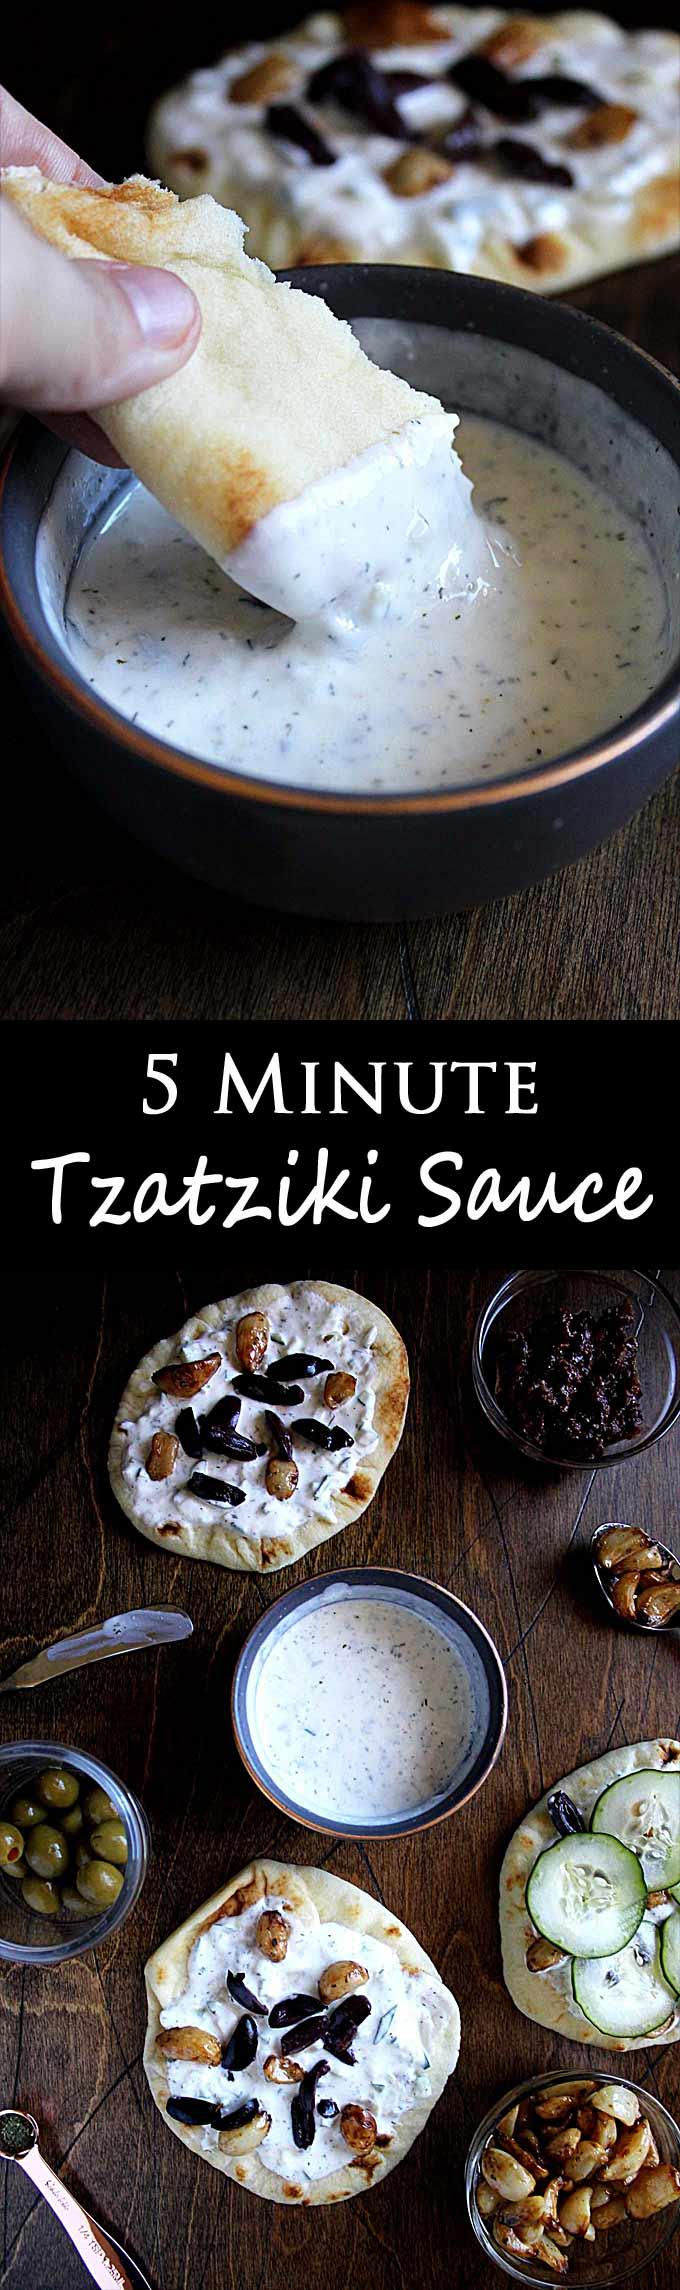 5 Minute Tzatziki Sauce | Greek Tzatziki Recipe | Cucumber | Dill | Easy | Gyros